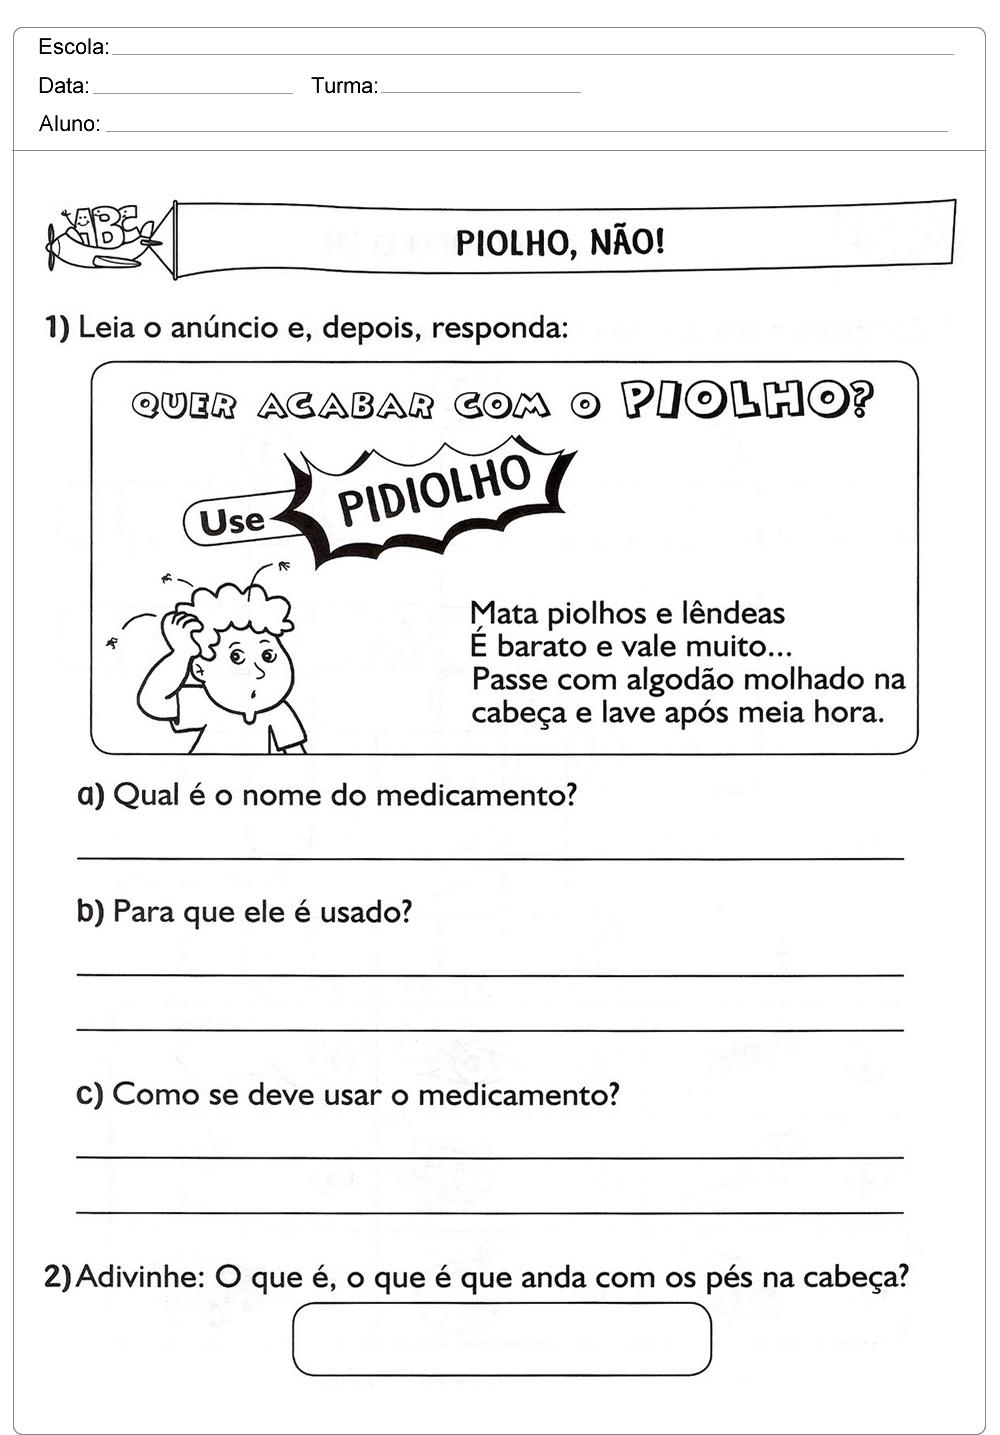 Atividades de Interpretação de Texto 3 ano do Ensino Fundamental para imprimir.